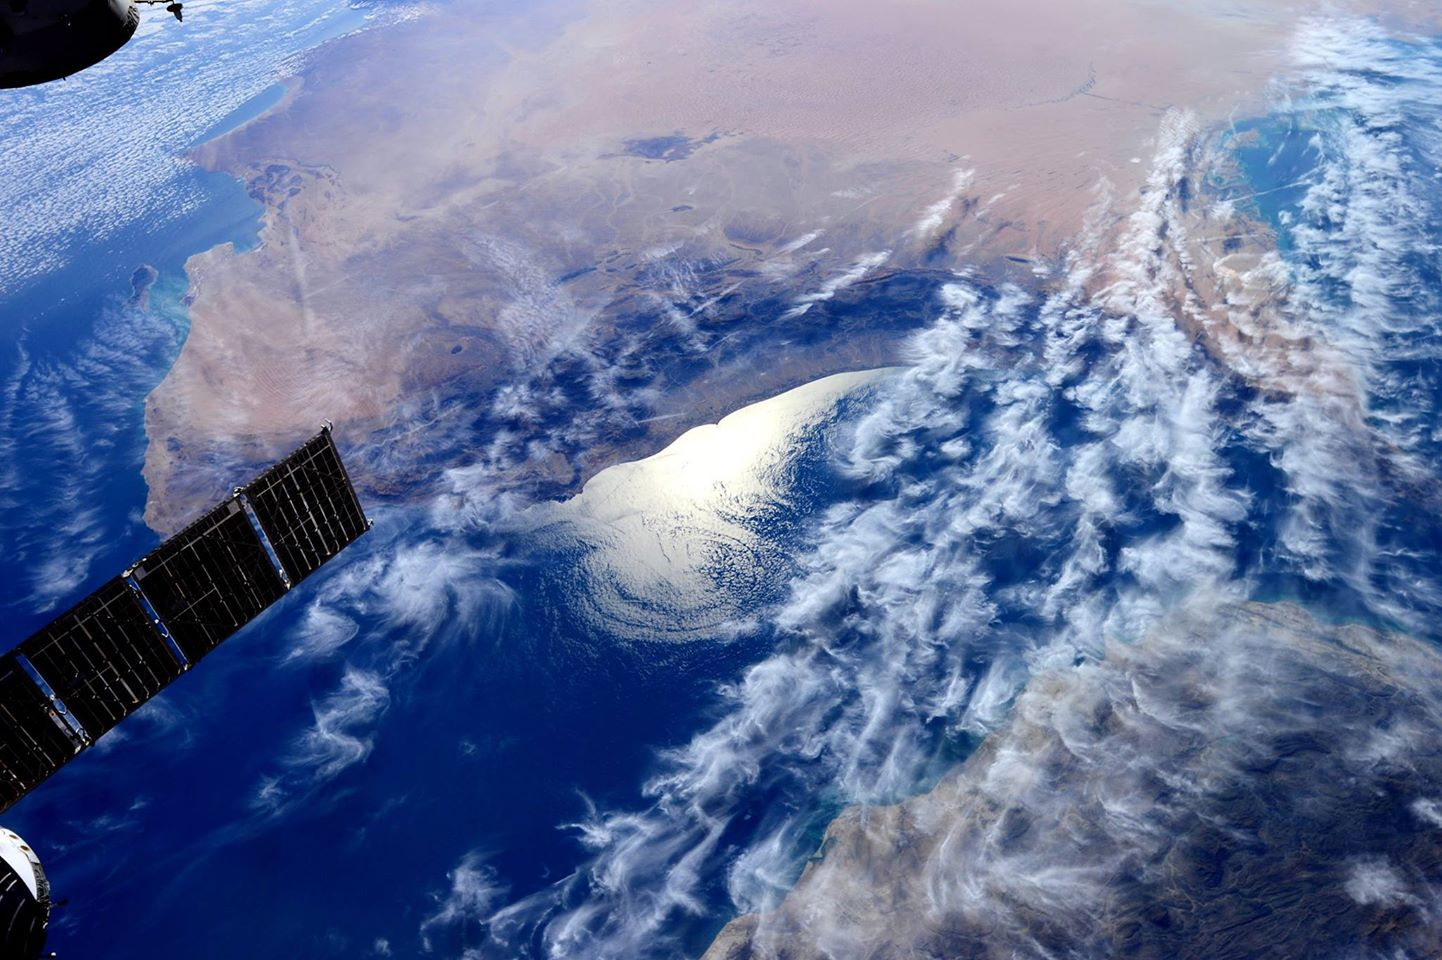 «Ciao Oman! Ecco come ti si vede dallo spazio. I disegni che le nuvole creano sopra il Golfo sono meravigliosi!» (18 dicembre 2014)